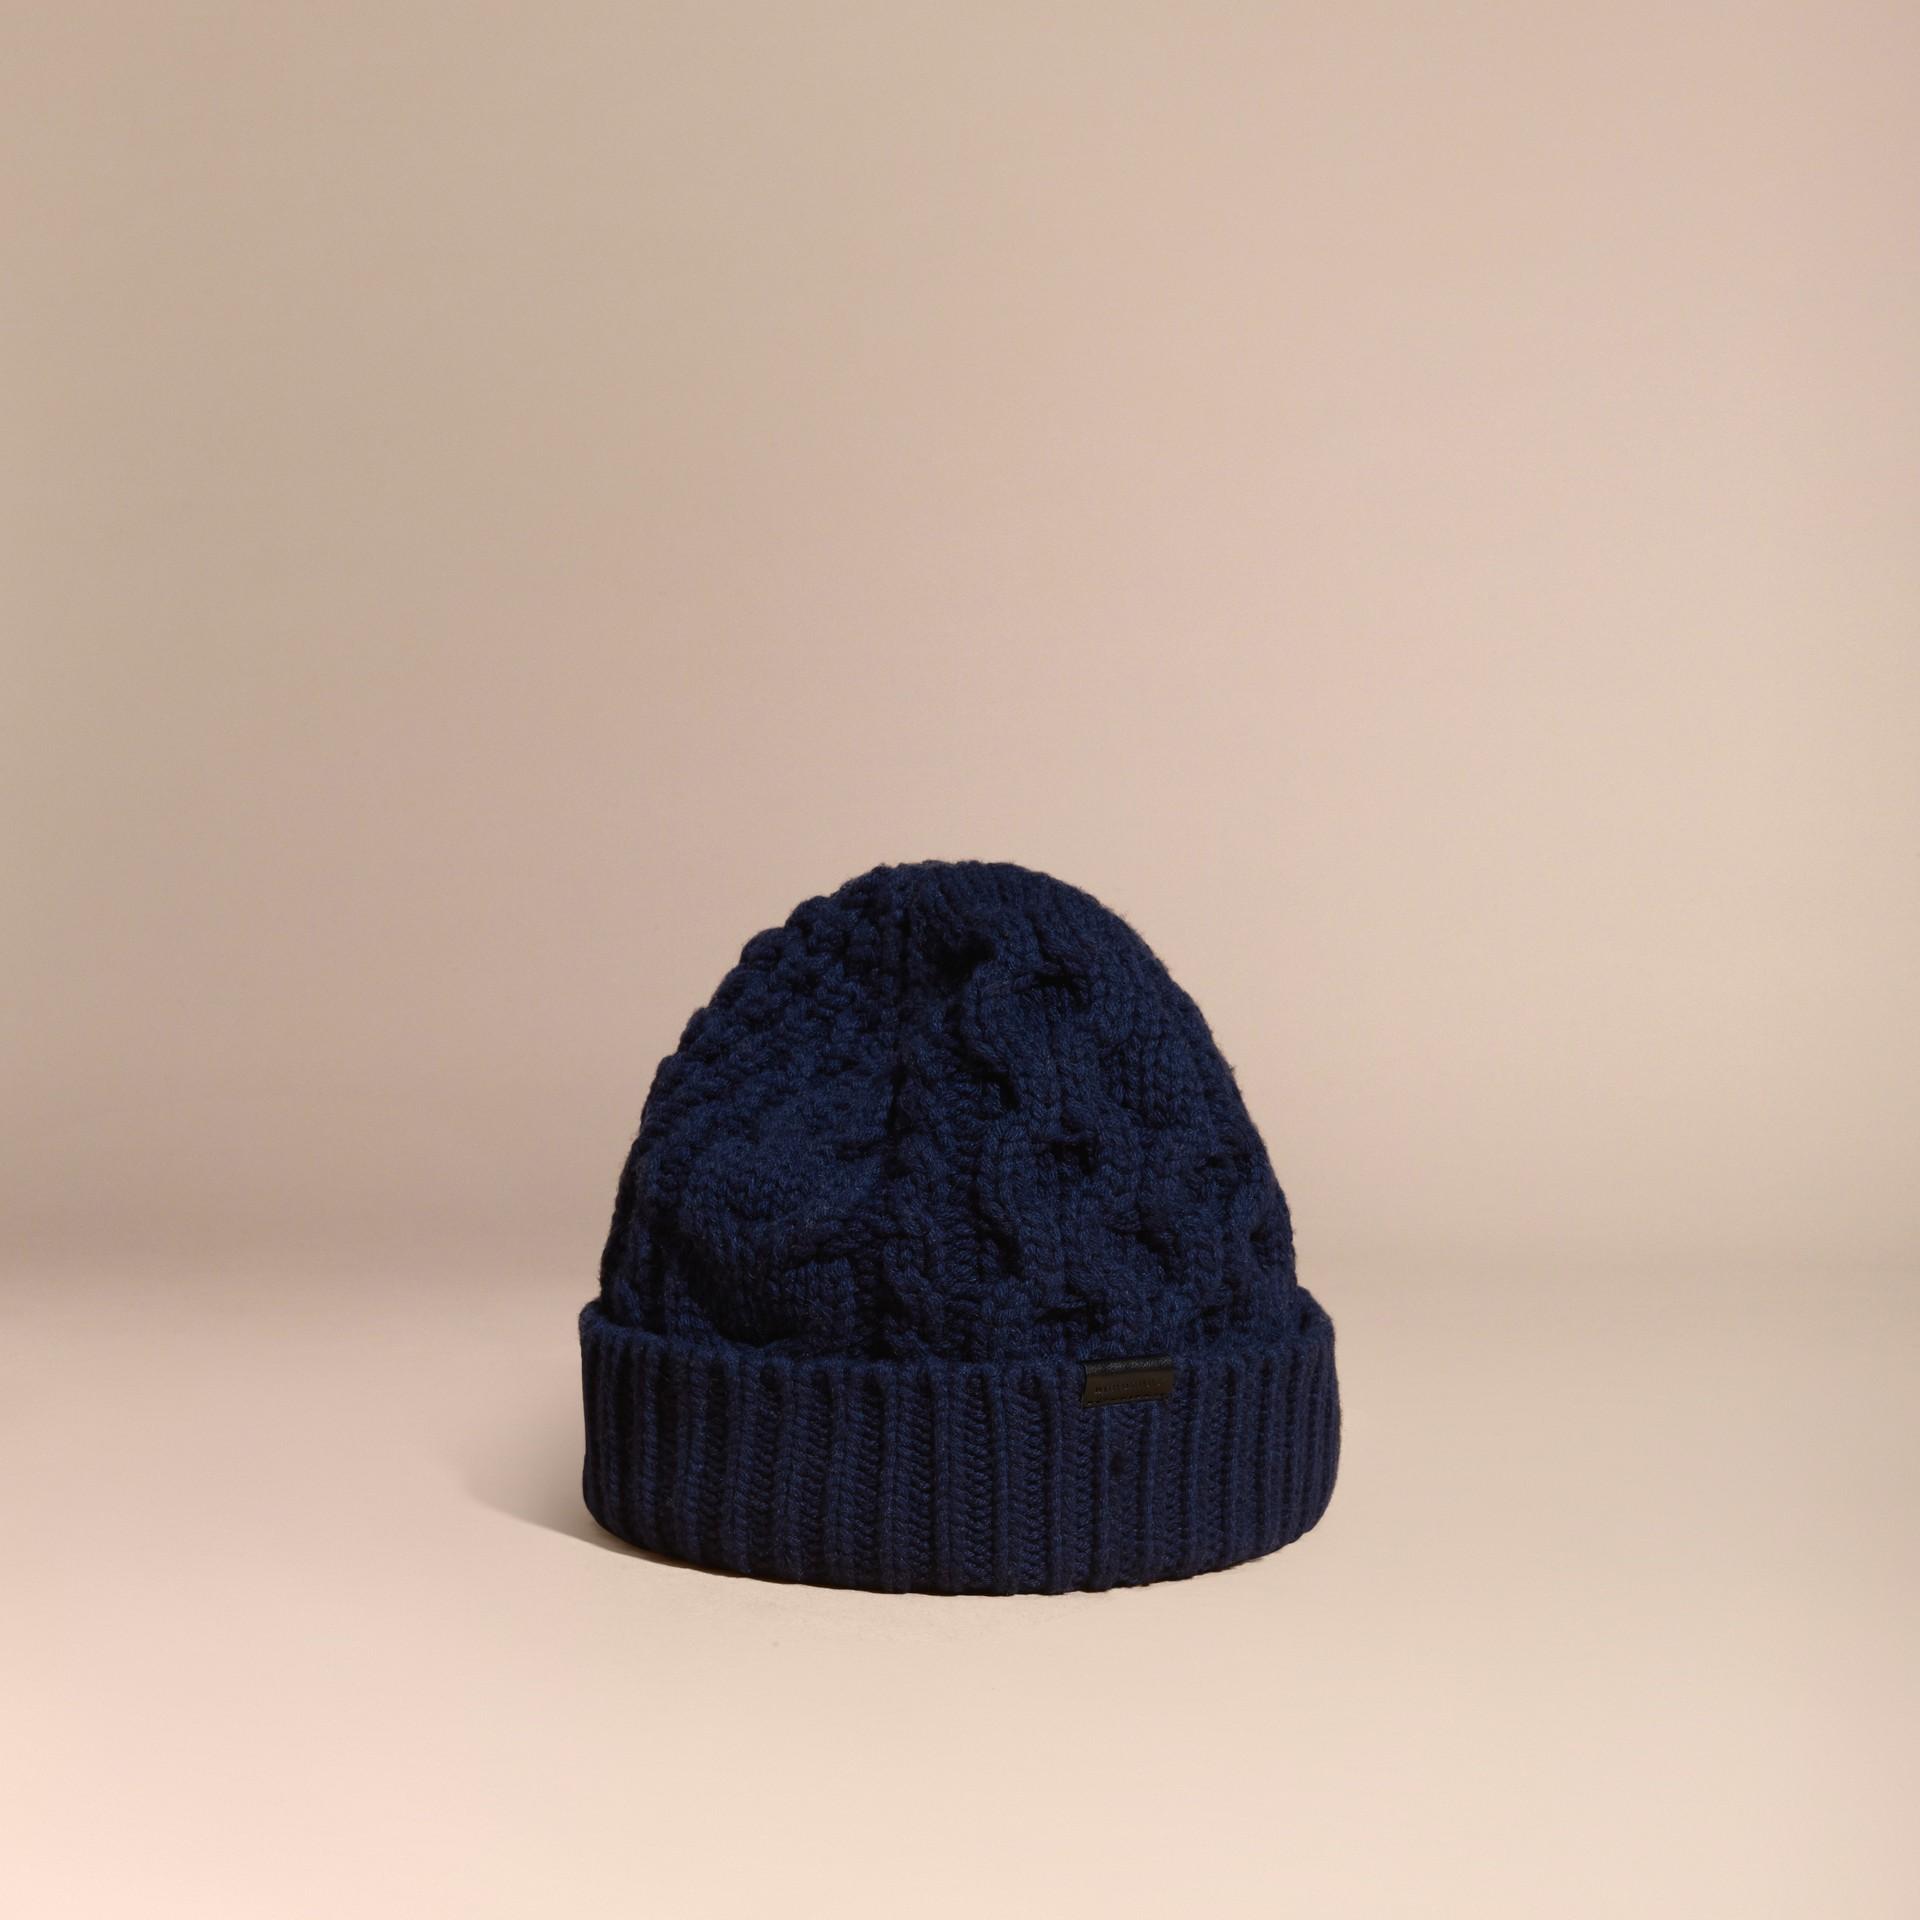 Navy scuro Cappellino in lana e cashmere con lavorazione Aran Navy Scuro - immagine della galleria 1